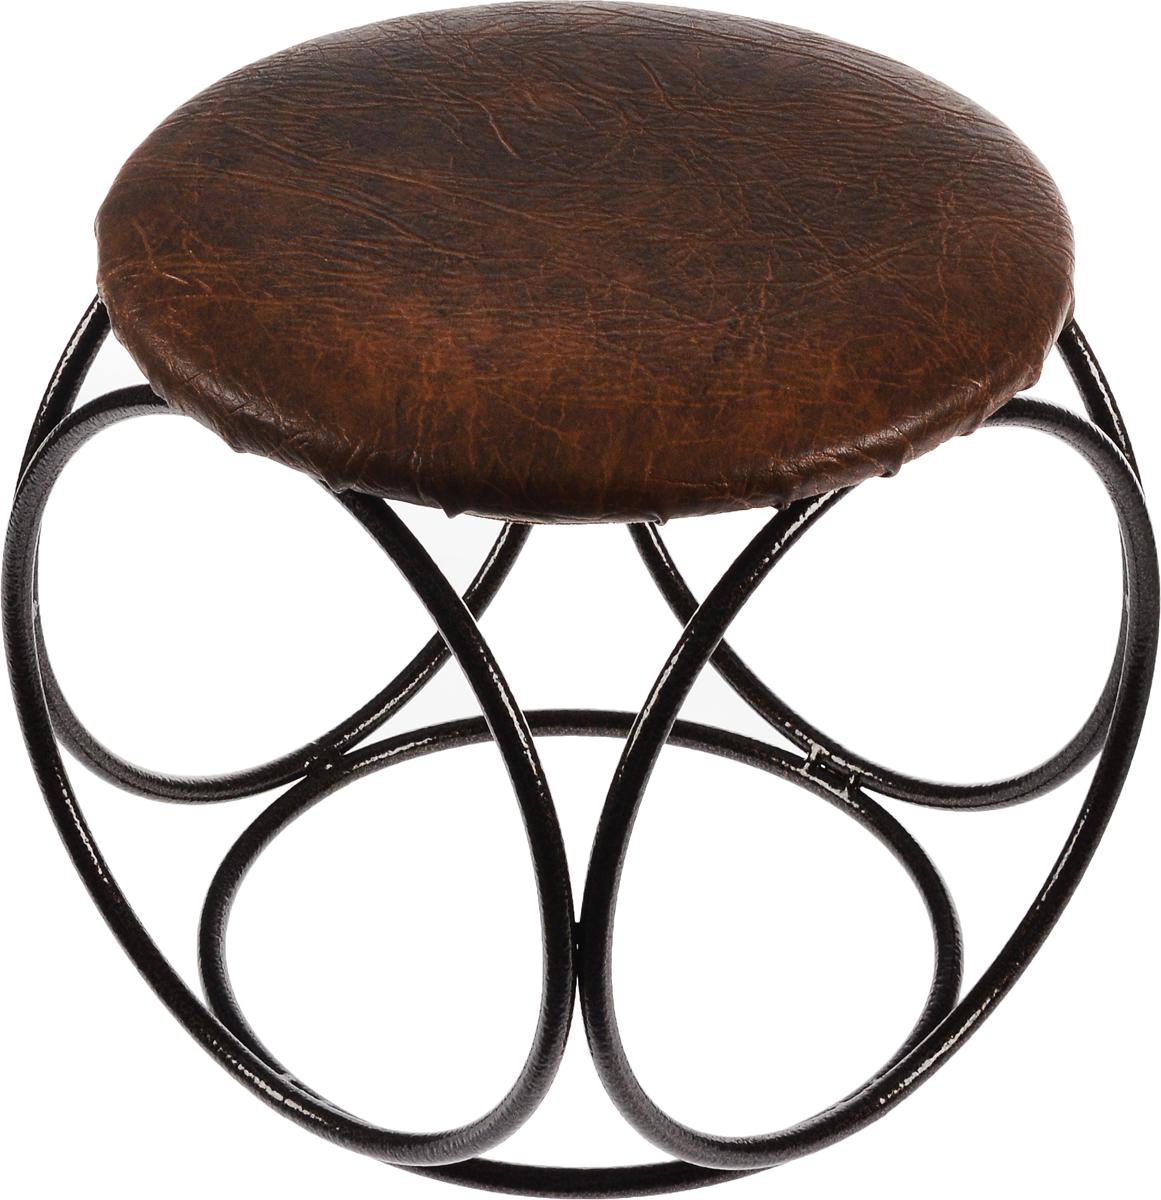 Банкетка для сидения ЗМИ, круглая, цвет: медный, коричневый, диаметр 30 см